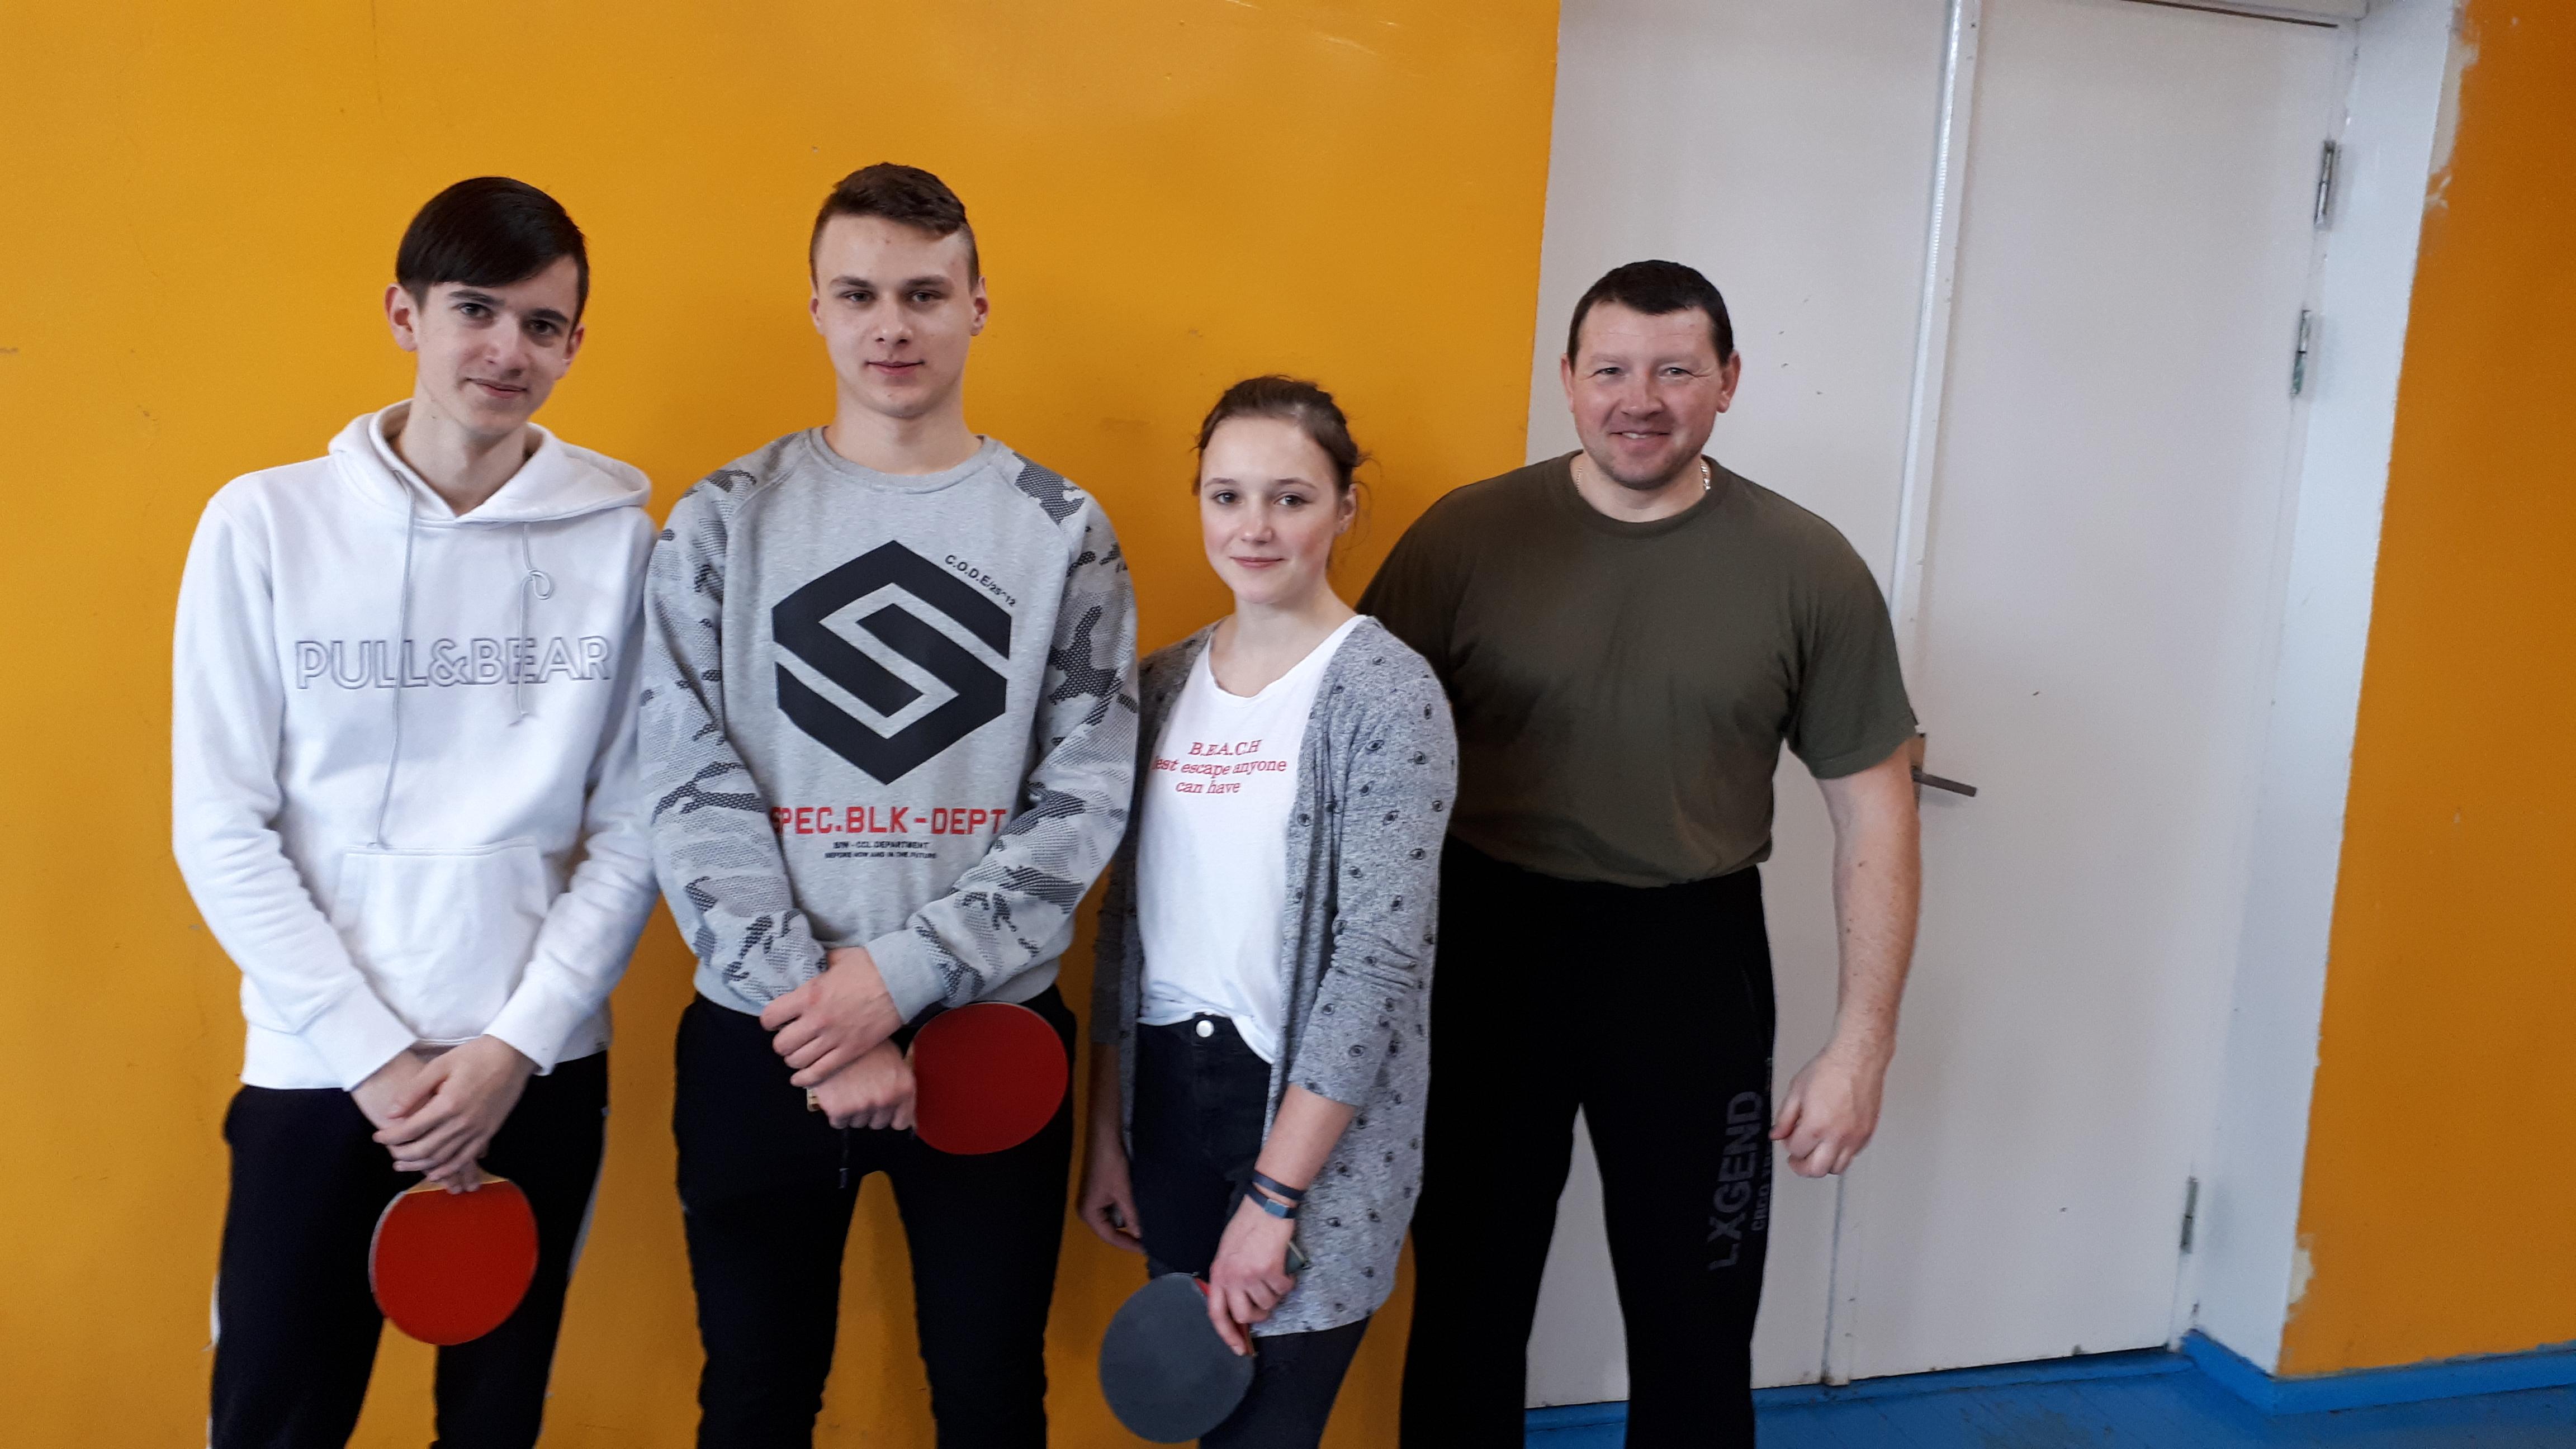 Vidiškių JPB nariai dalyvavo stalo teniso varžybose